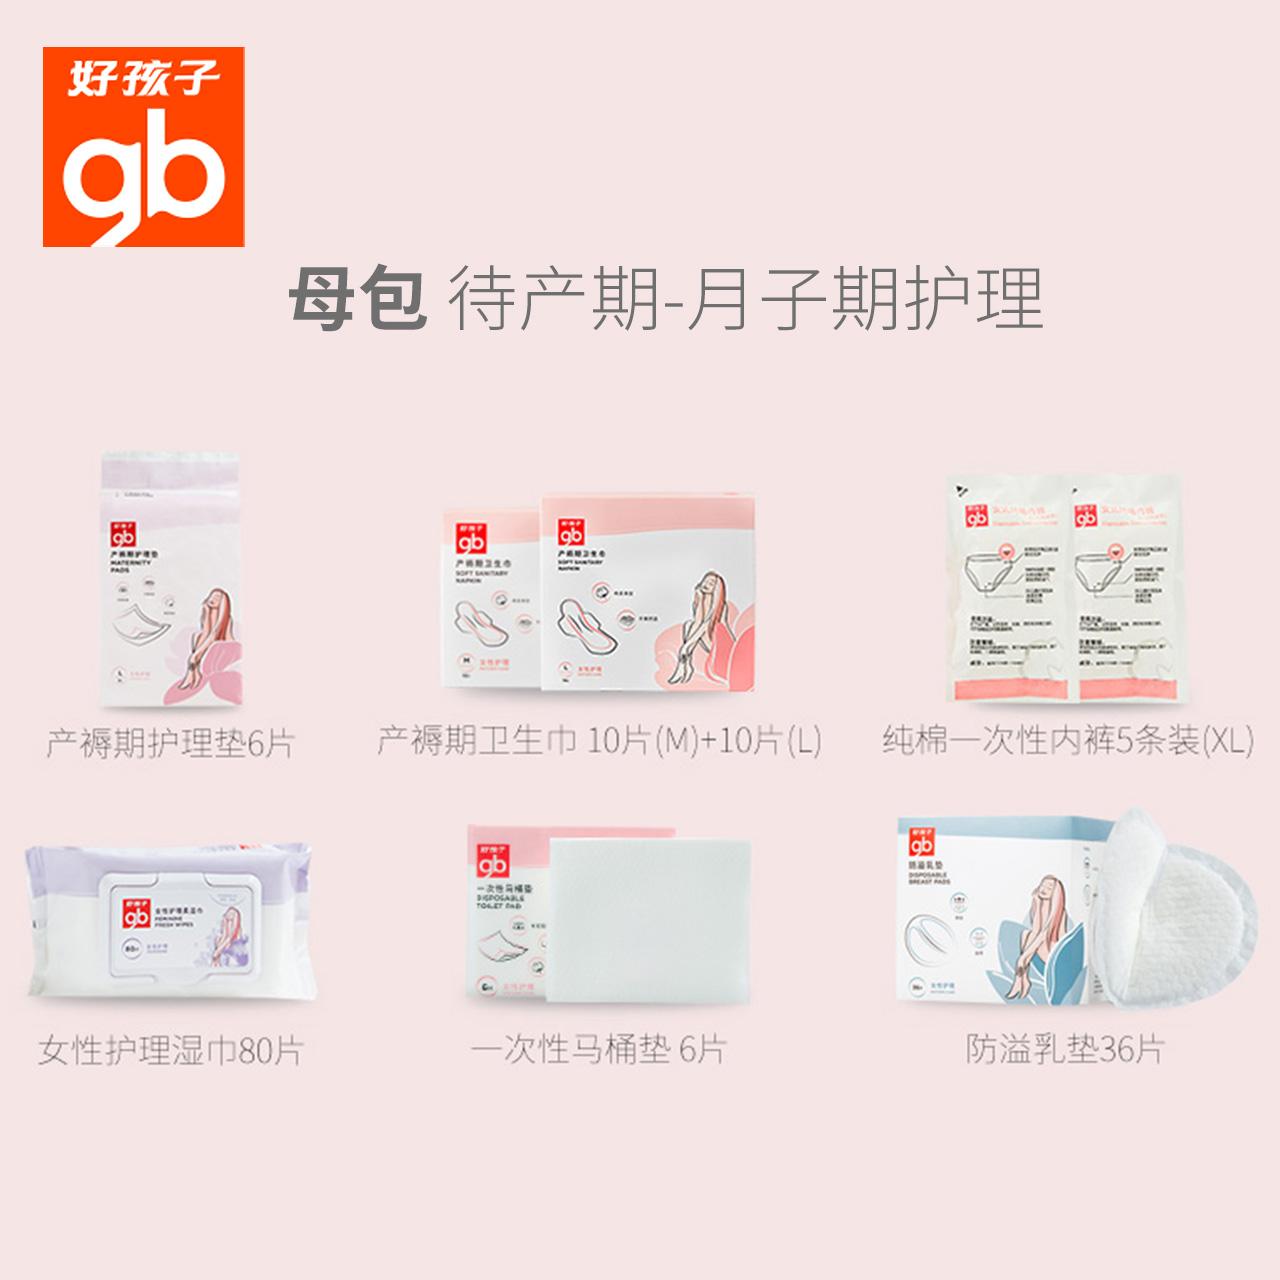 gb好孩子待产包秋季入院12件全套母子组合冬季产后月子产妇用品